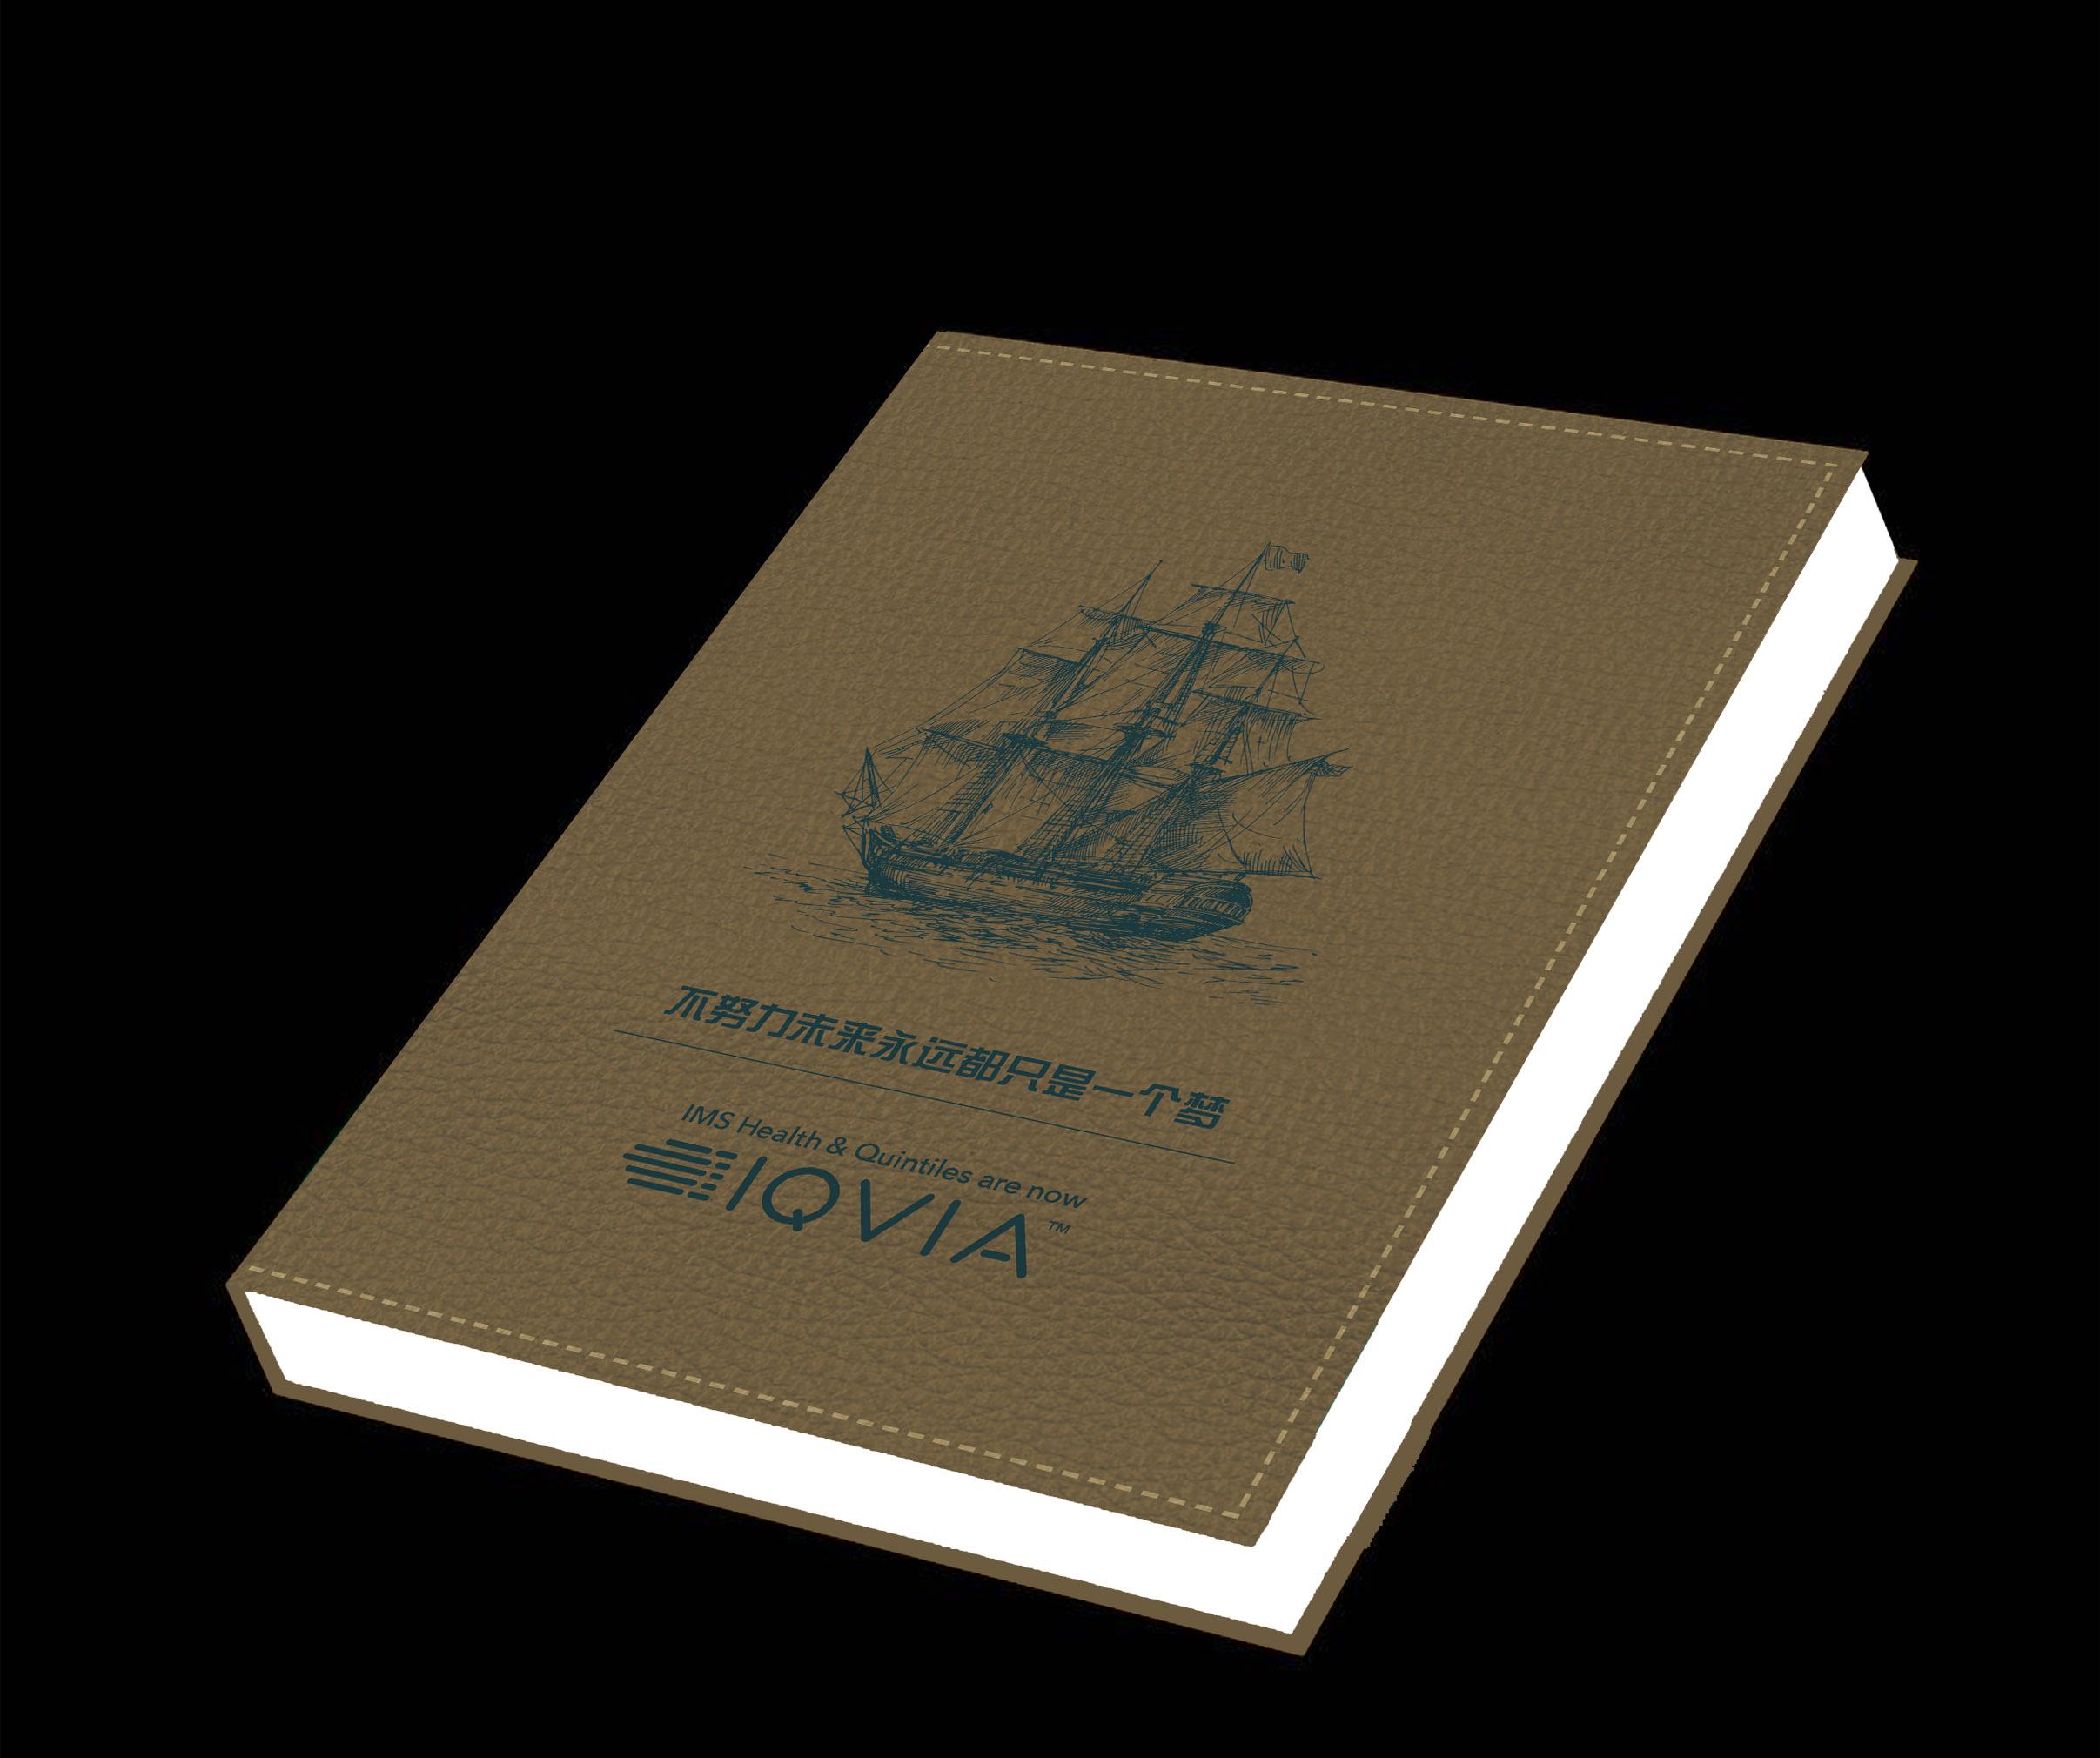 设计牛皮色笔记本封面和封底_2957207_k68威客网